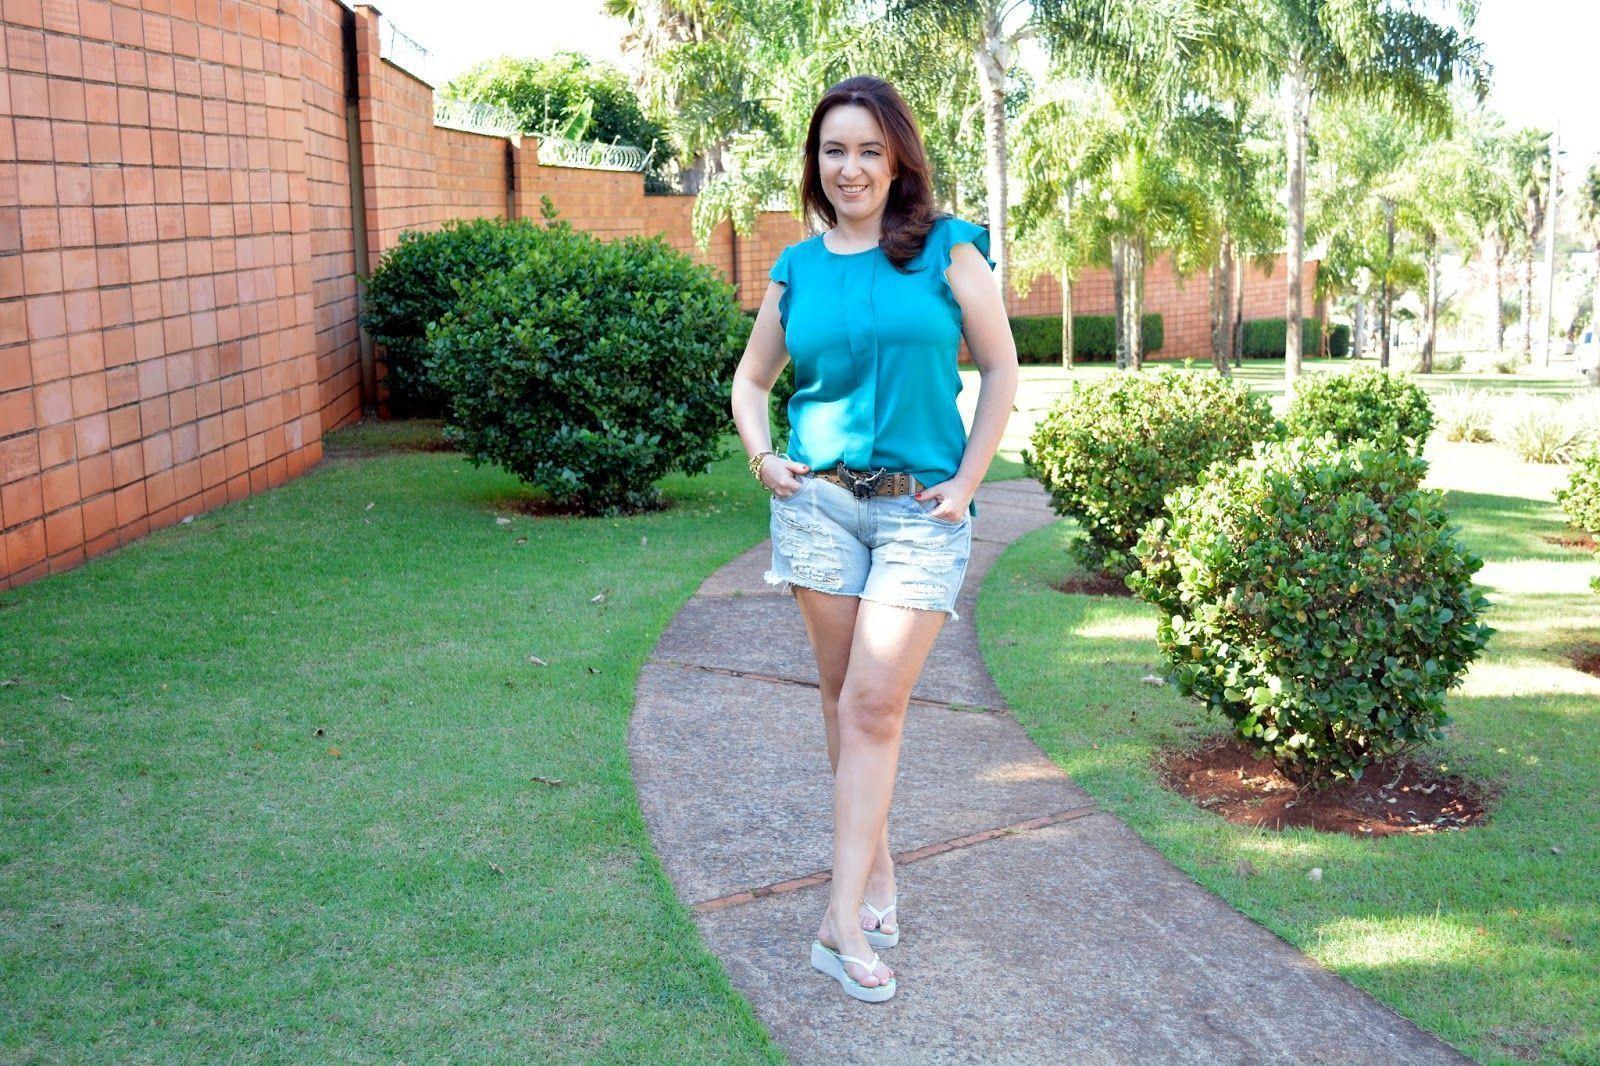 """Foto: Reprodução / <a href=""""http://www.blogcamilaandrade.com.br/2015/08/eu-estou-animadissima-com-chegada-da.html"""" target=""""_blank"""">Blog Camila Andrade</a>"""